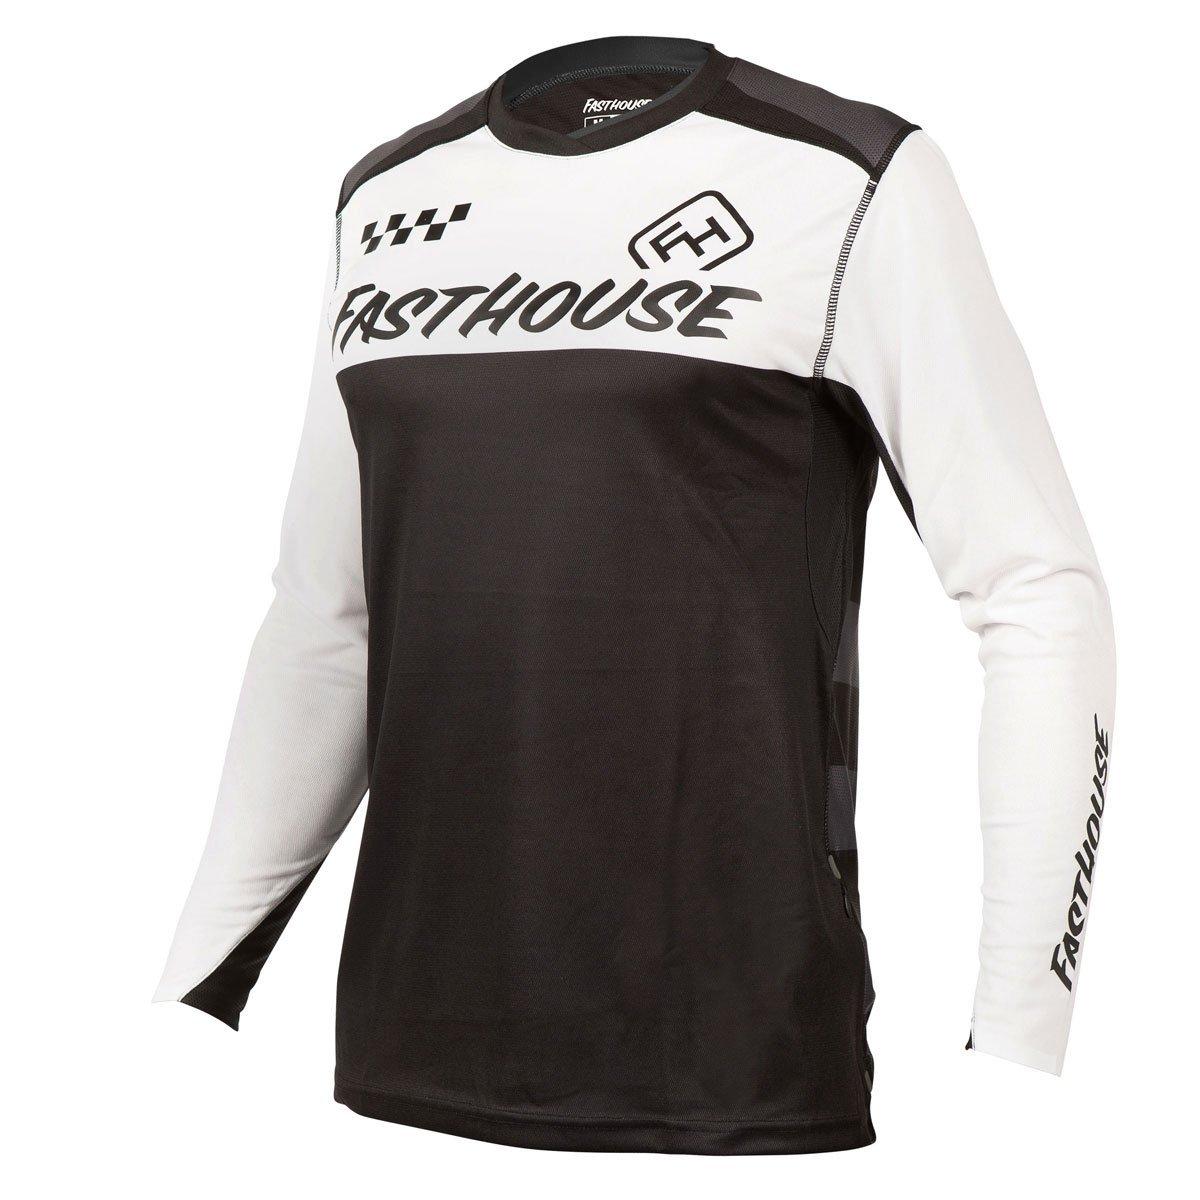 Fasthouse Alloy Block Long Sleeve Bike Jersey